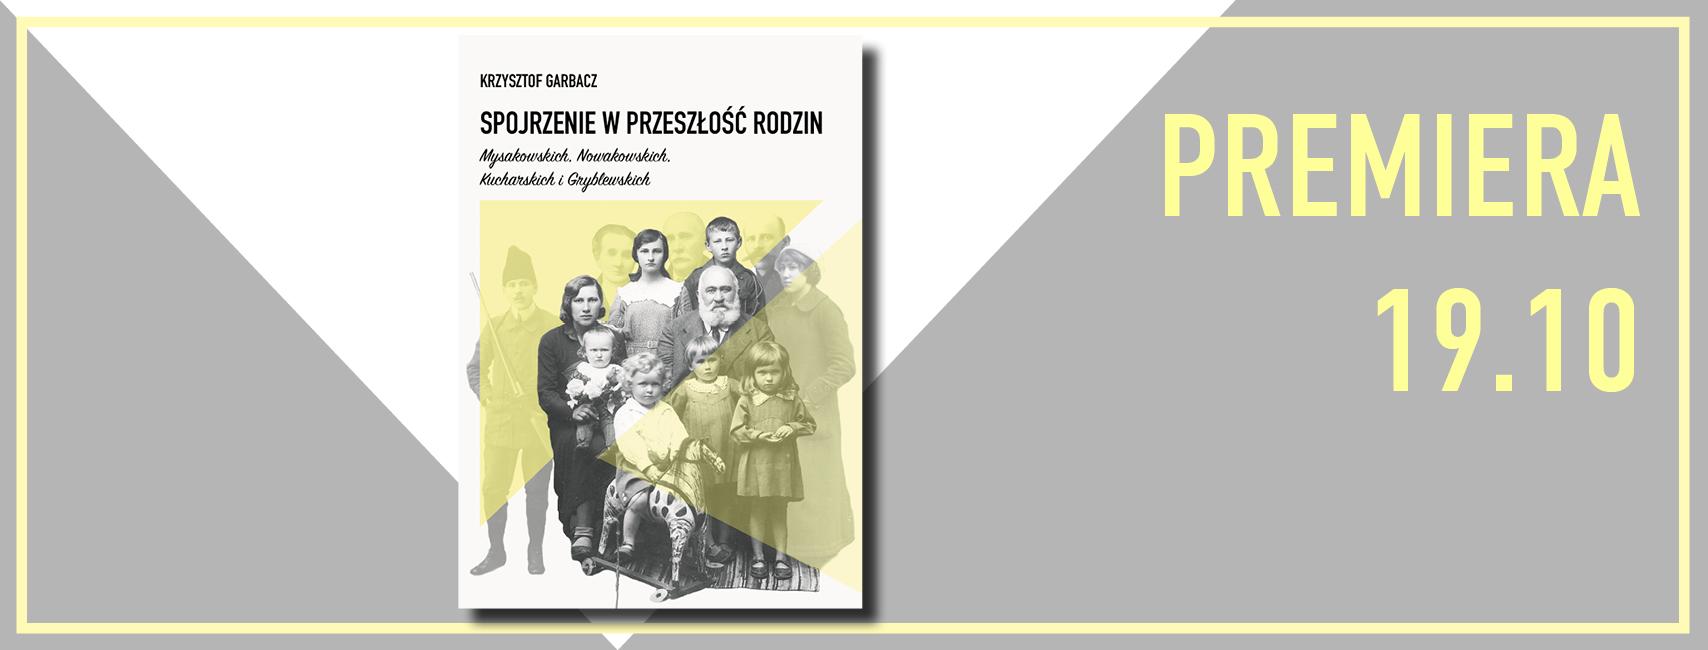 """Krzysztof Garbacz """"Spojrzenie w przeszłość rodzin Mysakowskich, Nowakowskich, Kucharskich i Gryblewskich"""" - baner promocyjny"""